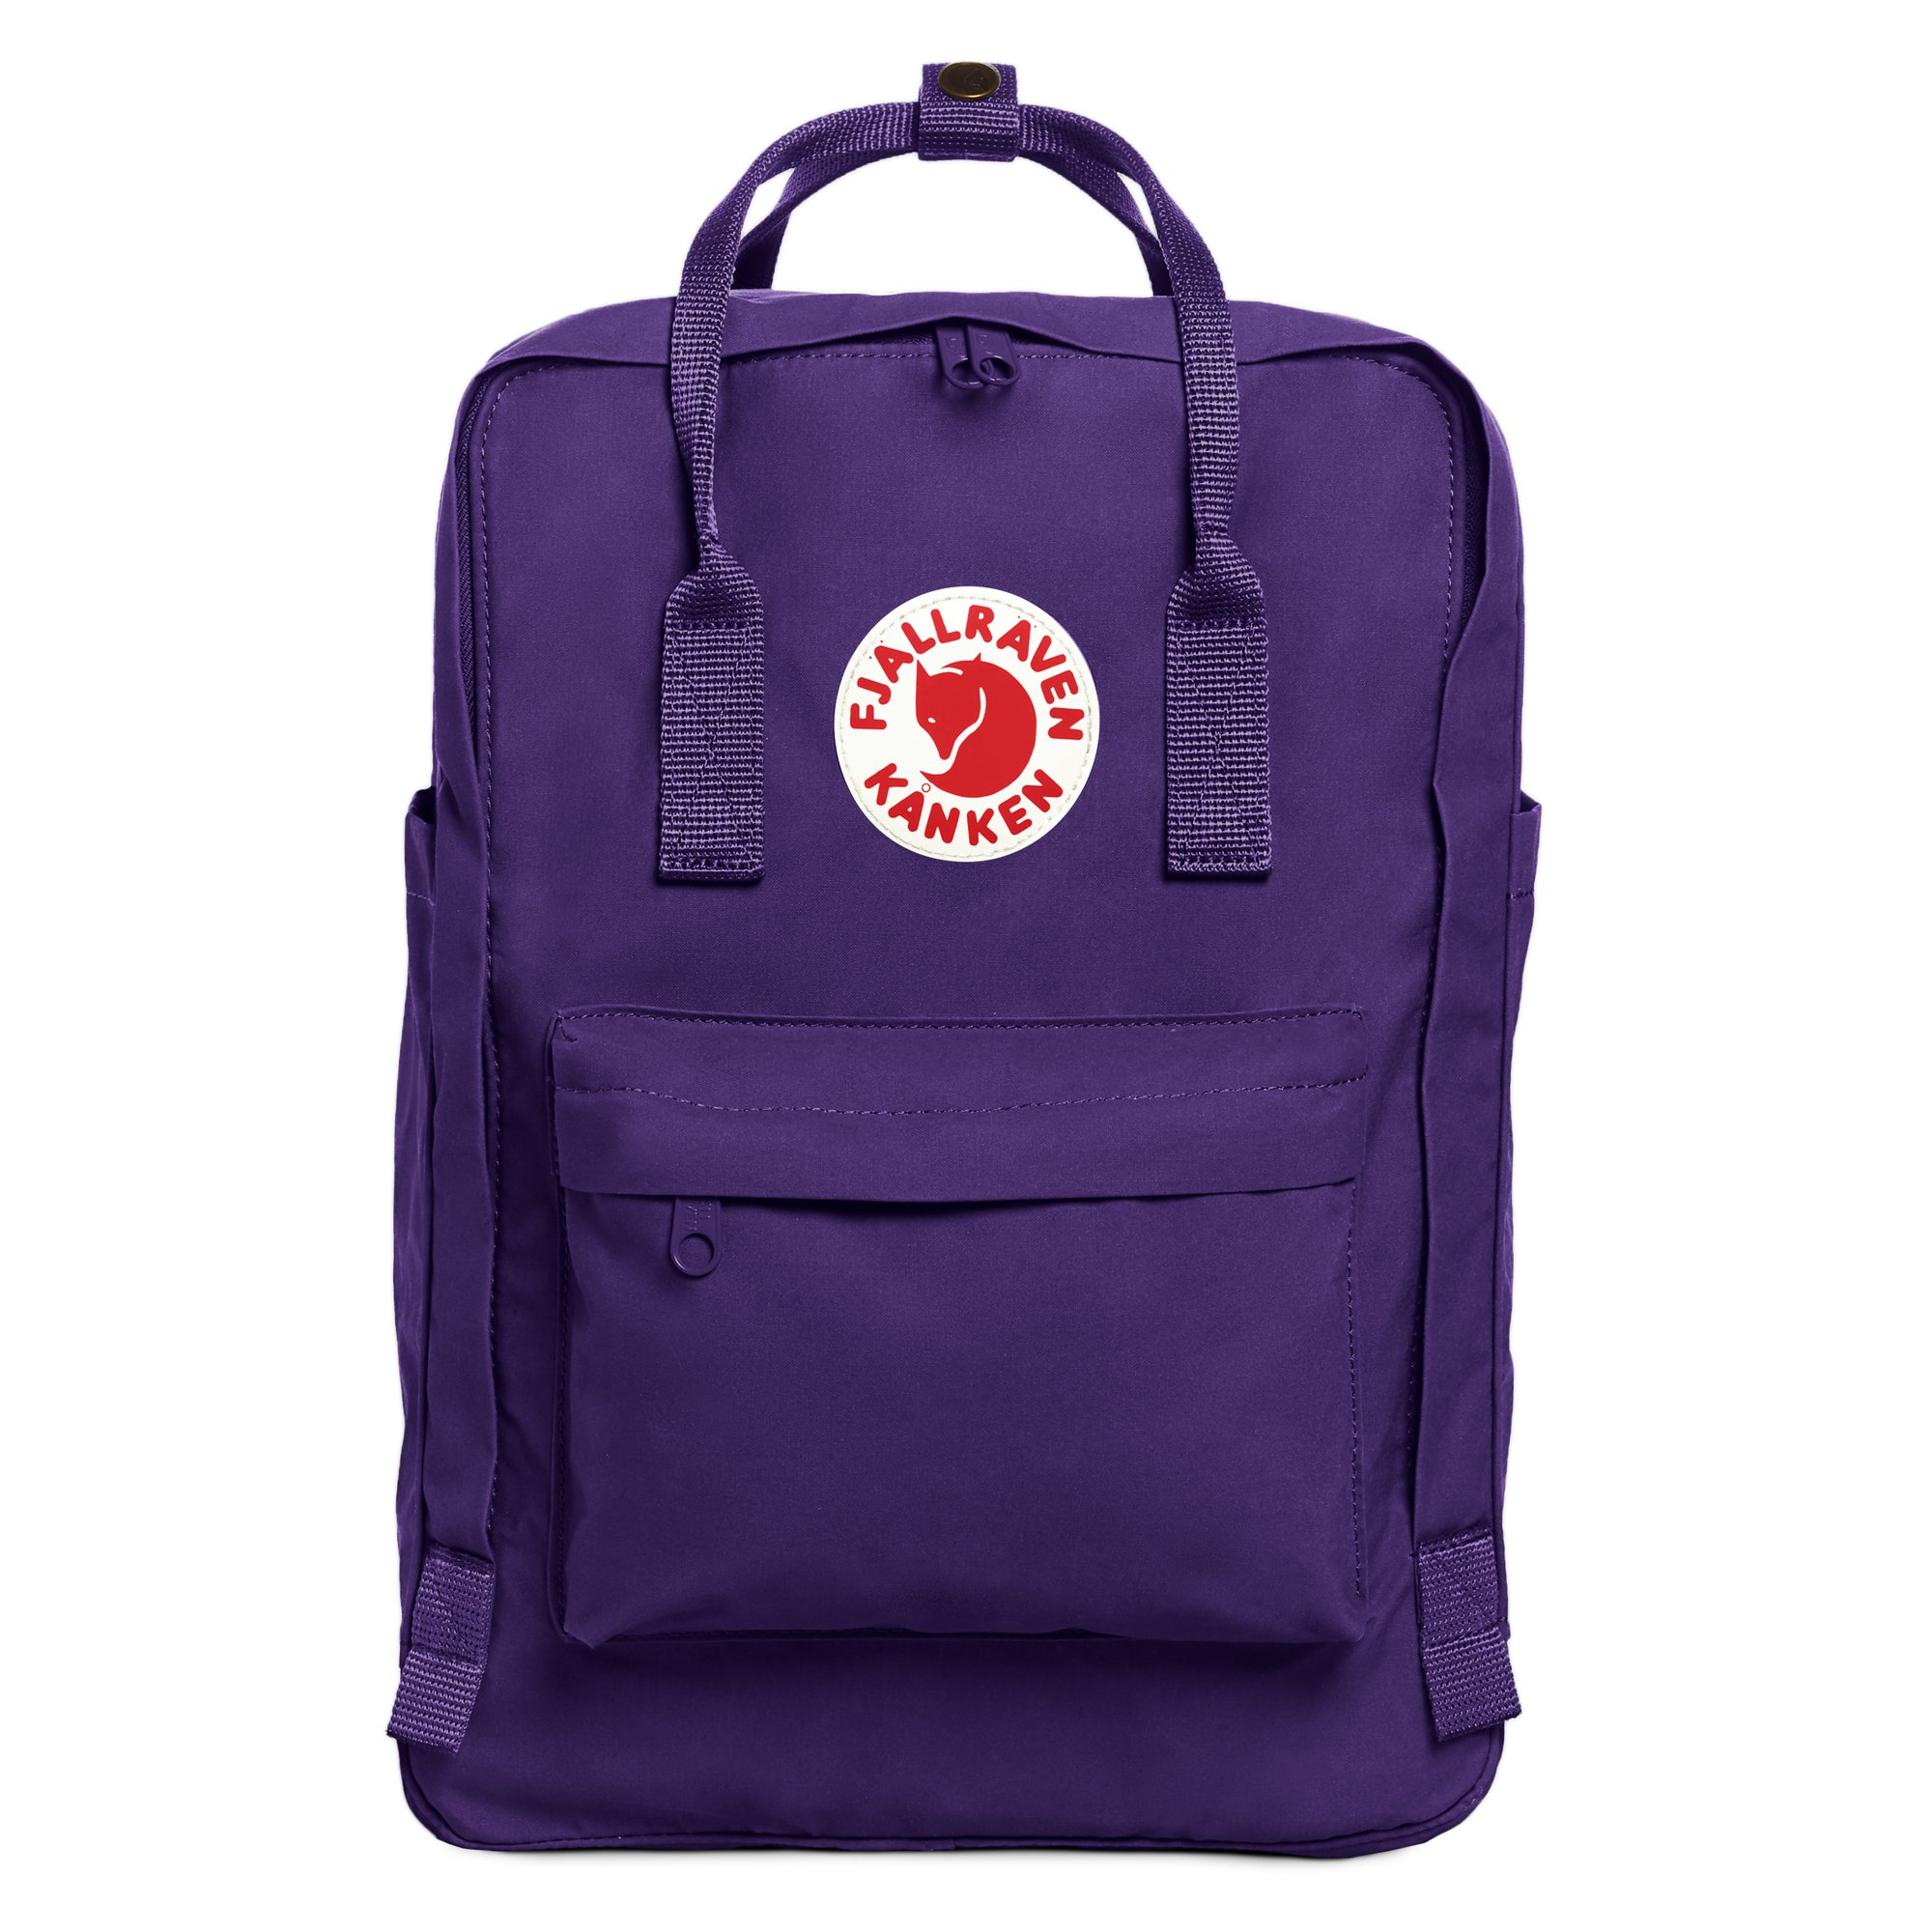 Fjallraven Kanken Laptop Backpack, Ox Red/Royal Blue, 15-Inch